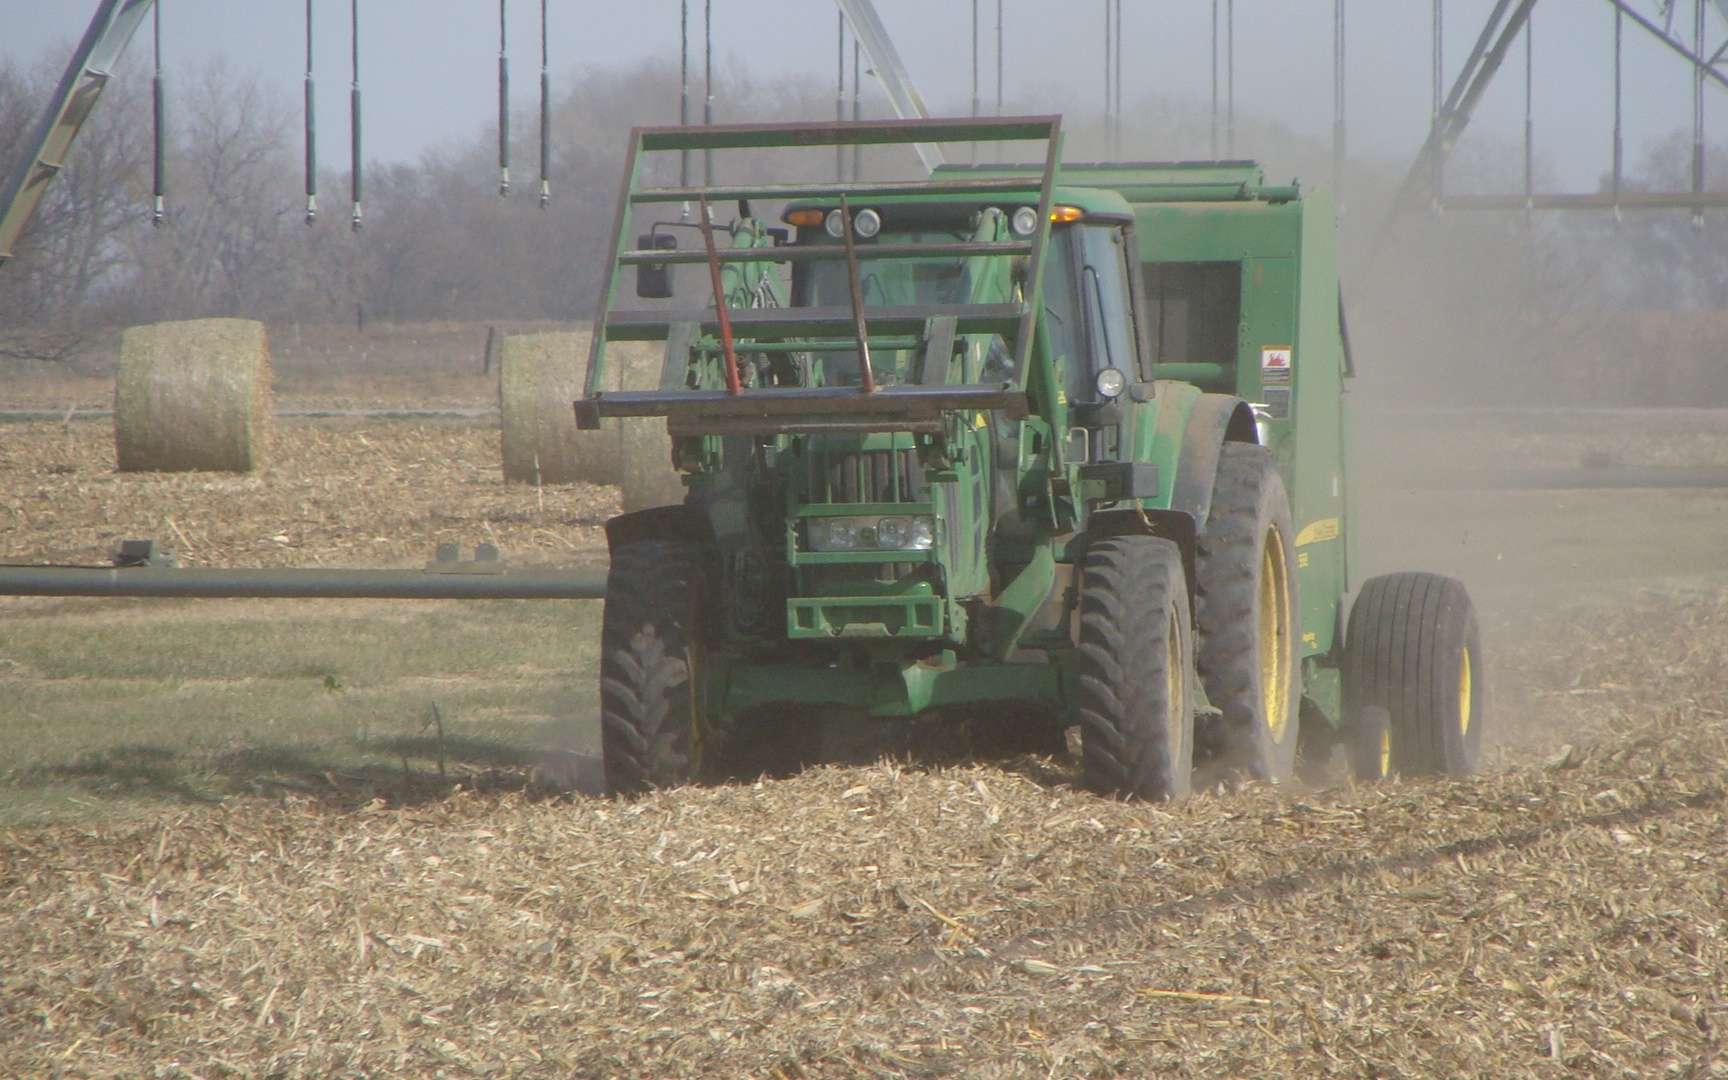 Les États du Minnesota, de l'Iowa et du Wisconsin accusent la perte nette la plus élevée de carbone par élimination des résidus de maïs, du fait de températures fraîches et de sols par nature riches en carbone. L'usage de ces résidus pour produire des biocarburants pourrait être remis en question à cause des taux de CO2 émis par ce biais. © Université du Nebraska à Lincoln